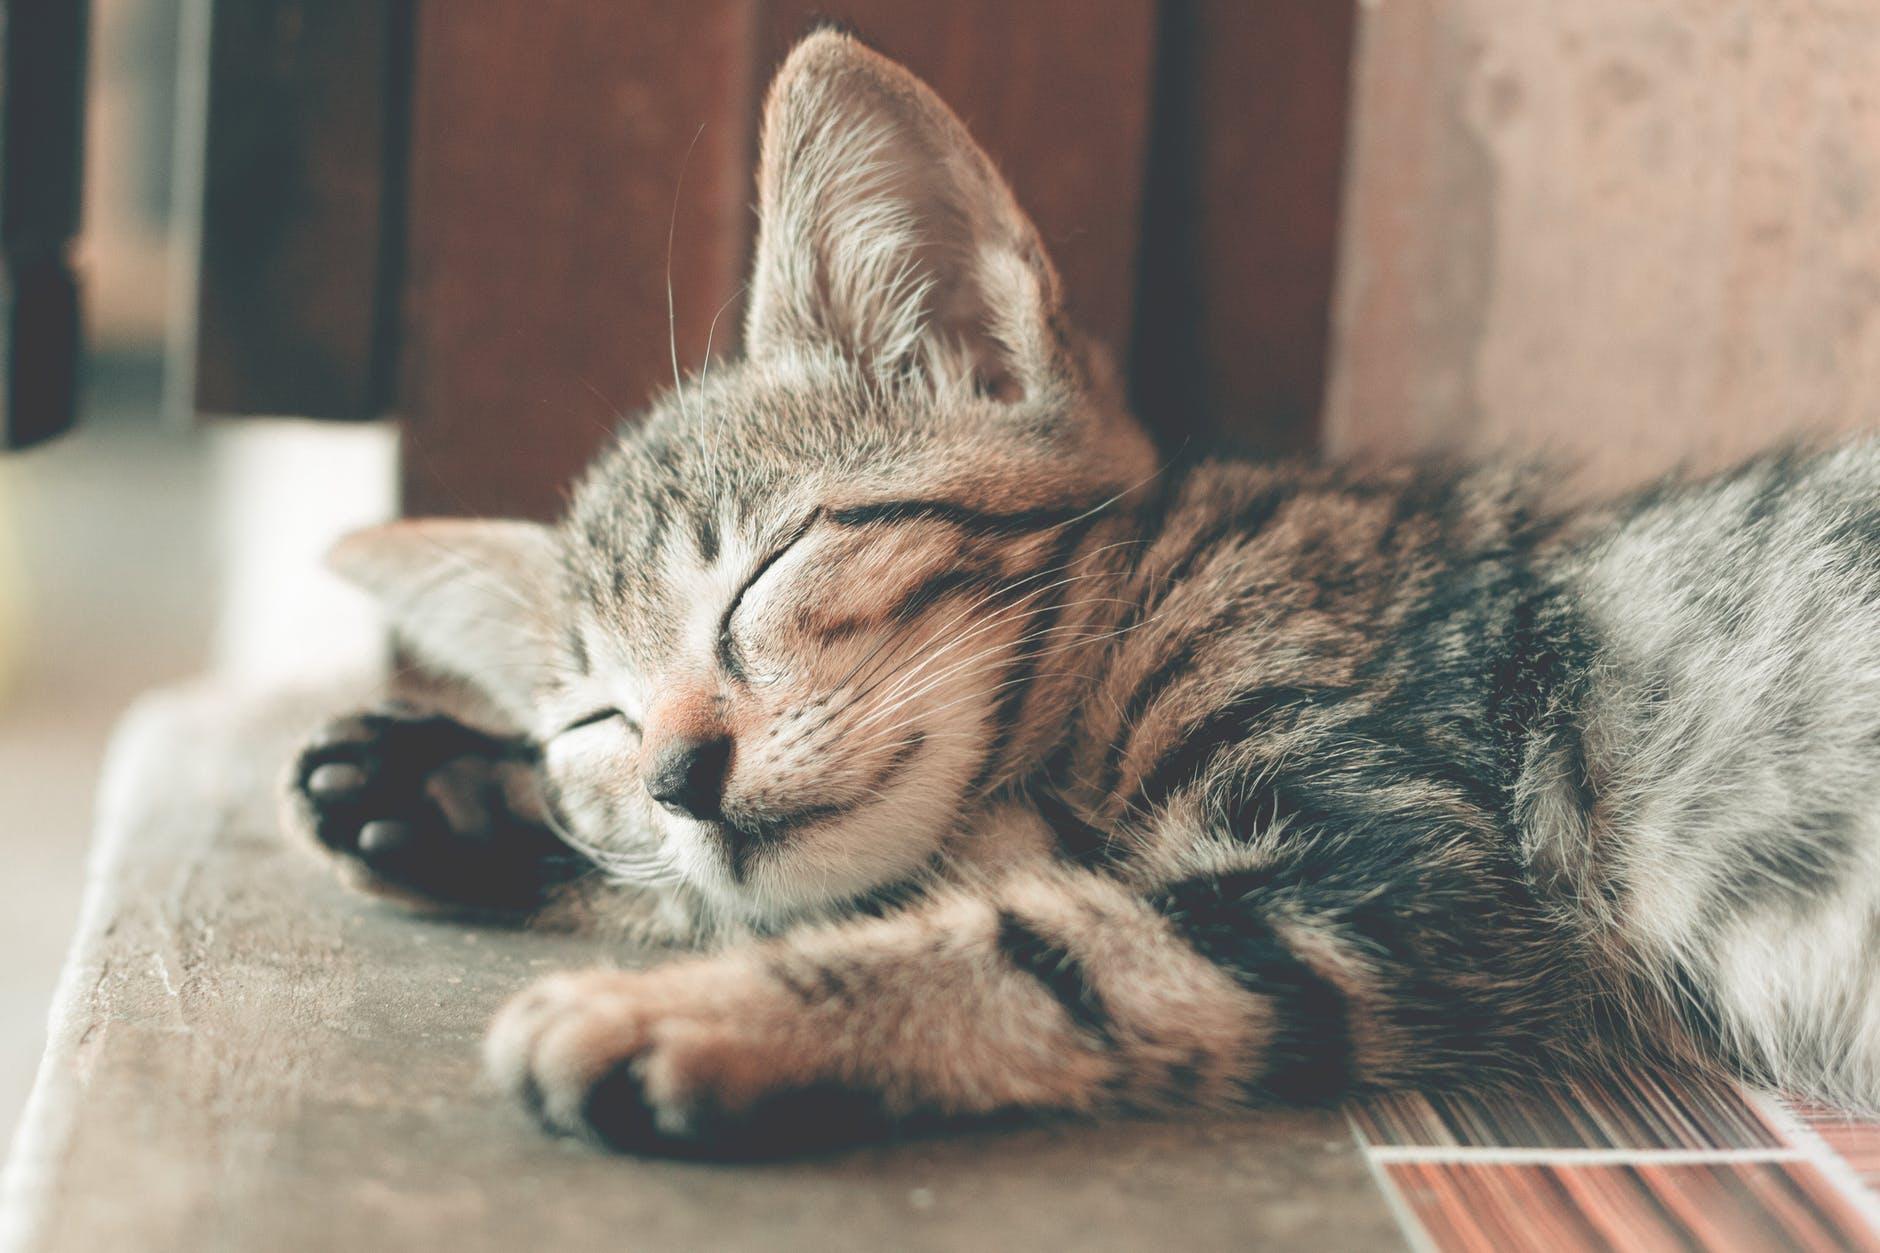 Pourquoi Mon chat dort tout le temps, est-ce normal?